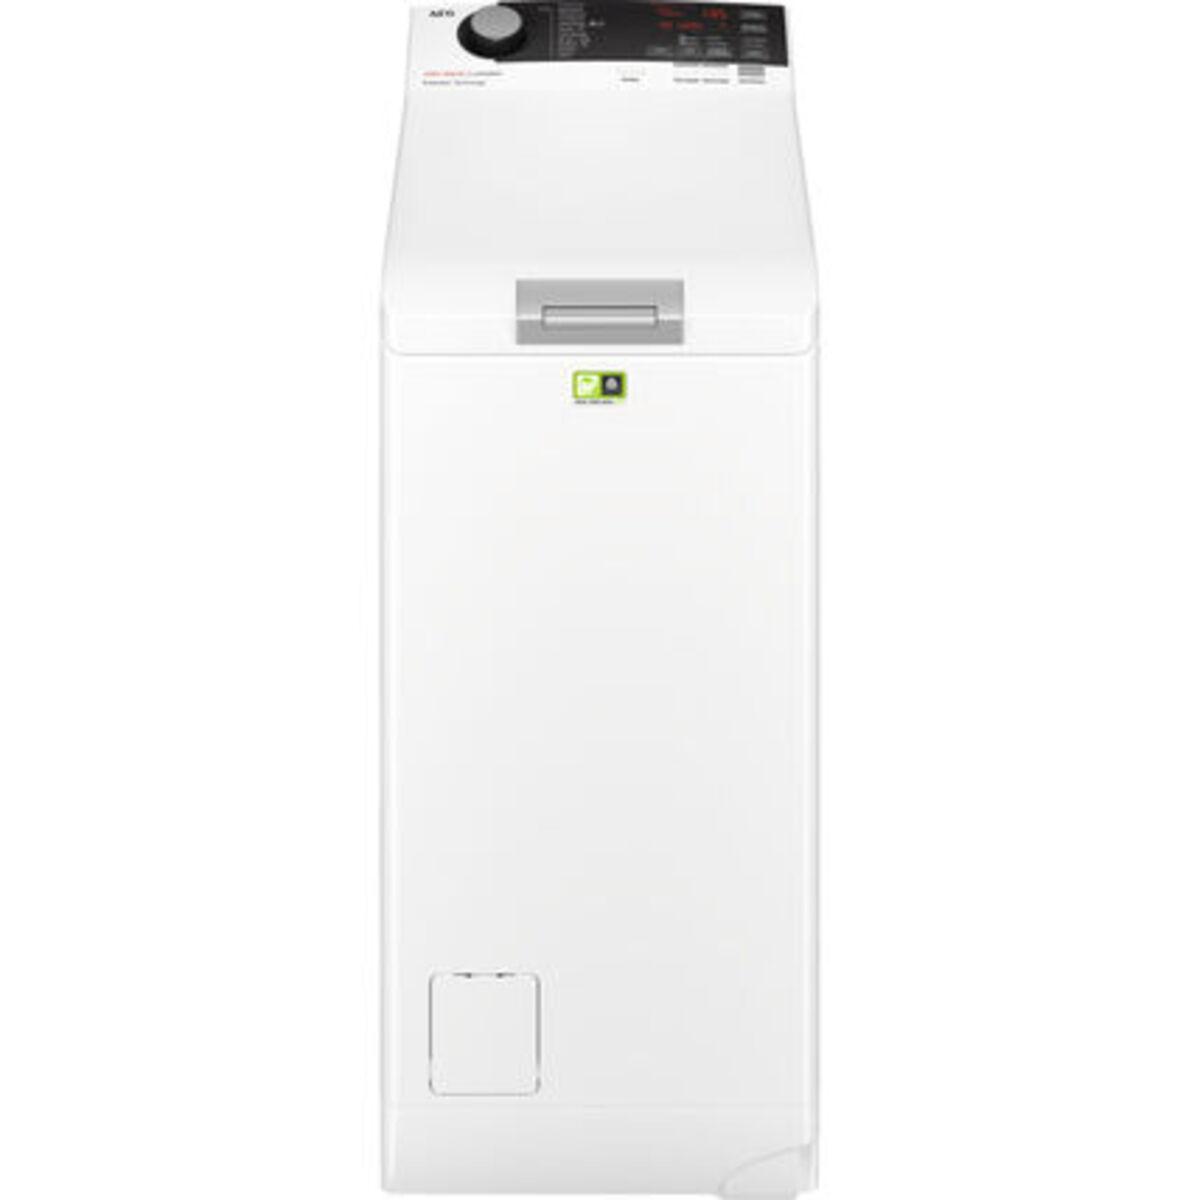 Bild 1 von AEG Lavamat L7TE74275 Toplader-Waschmaschine , A+++, weiß